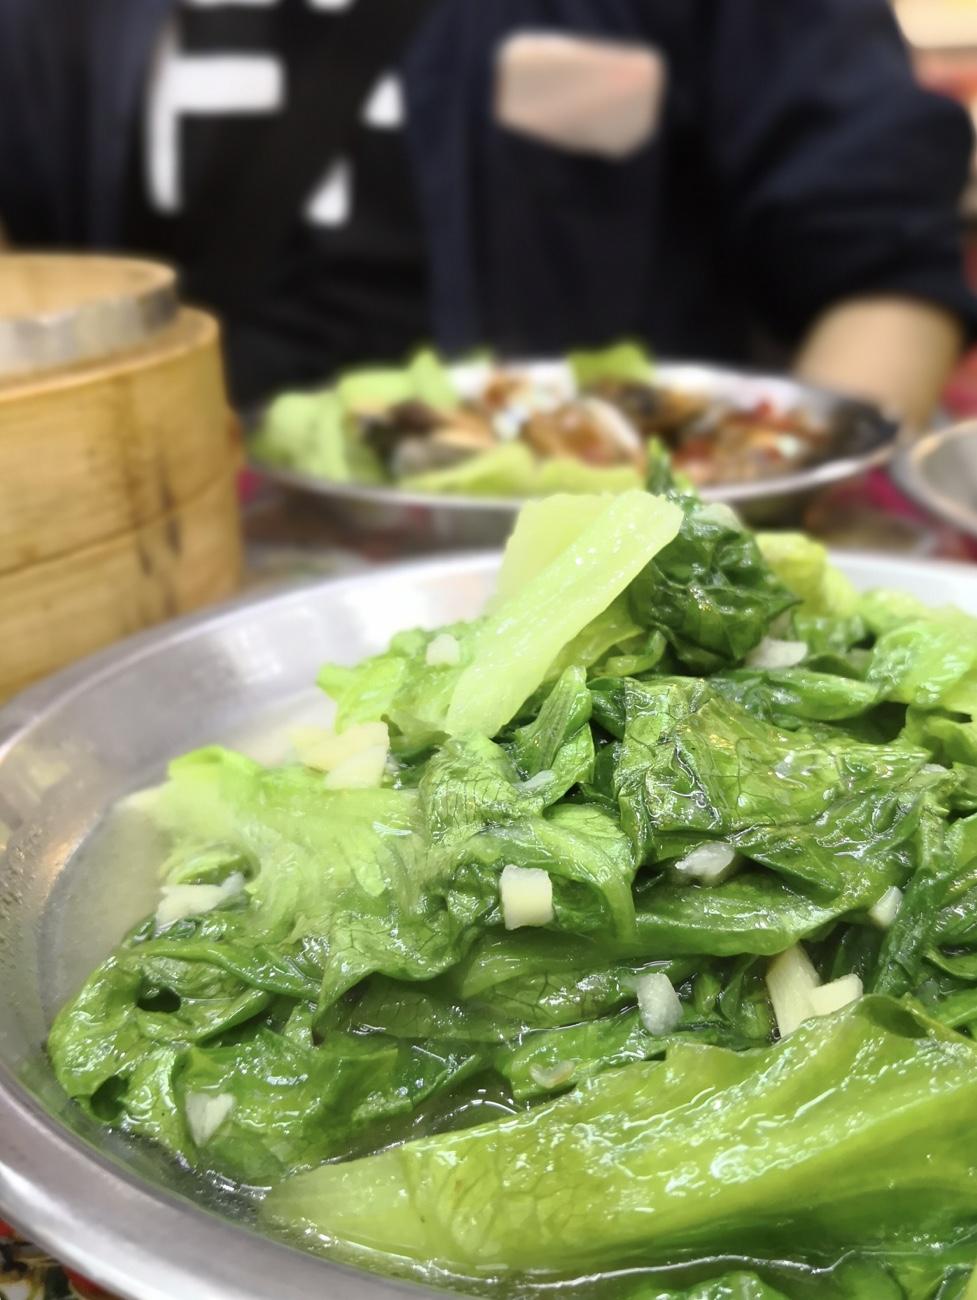 士林夜市 地下おすすめの店 台湾グルメ食べ歩き